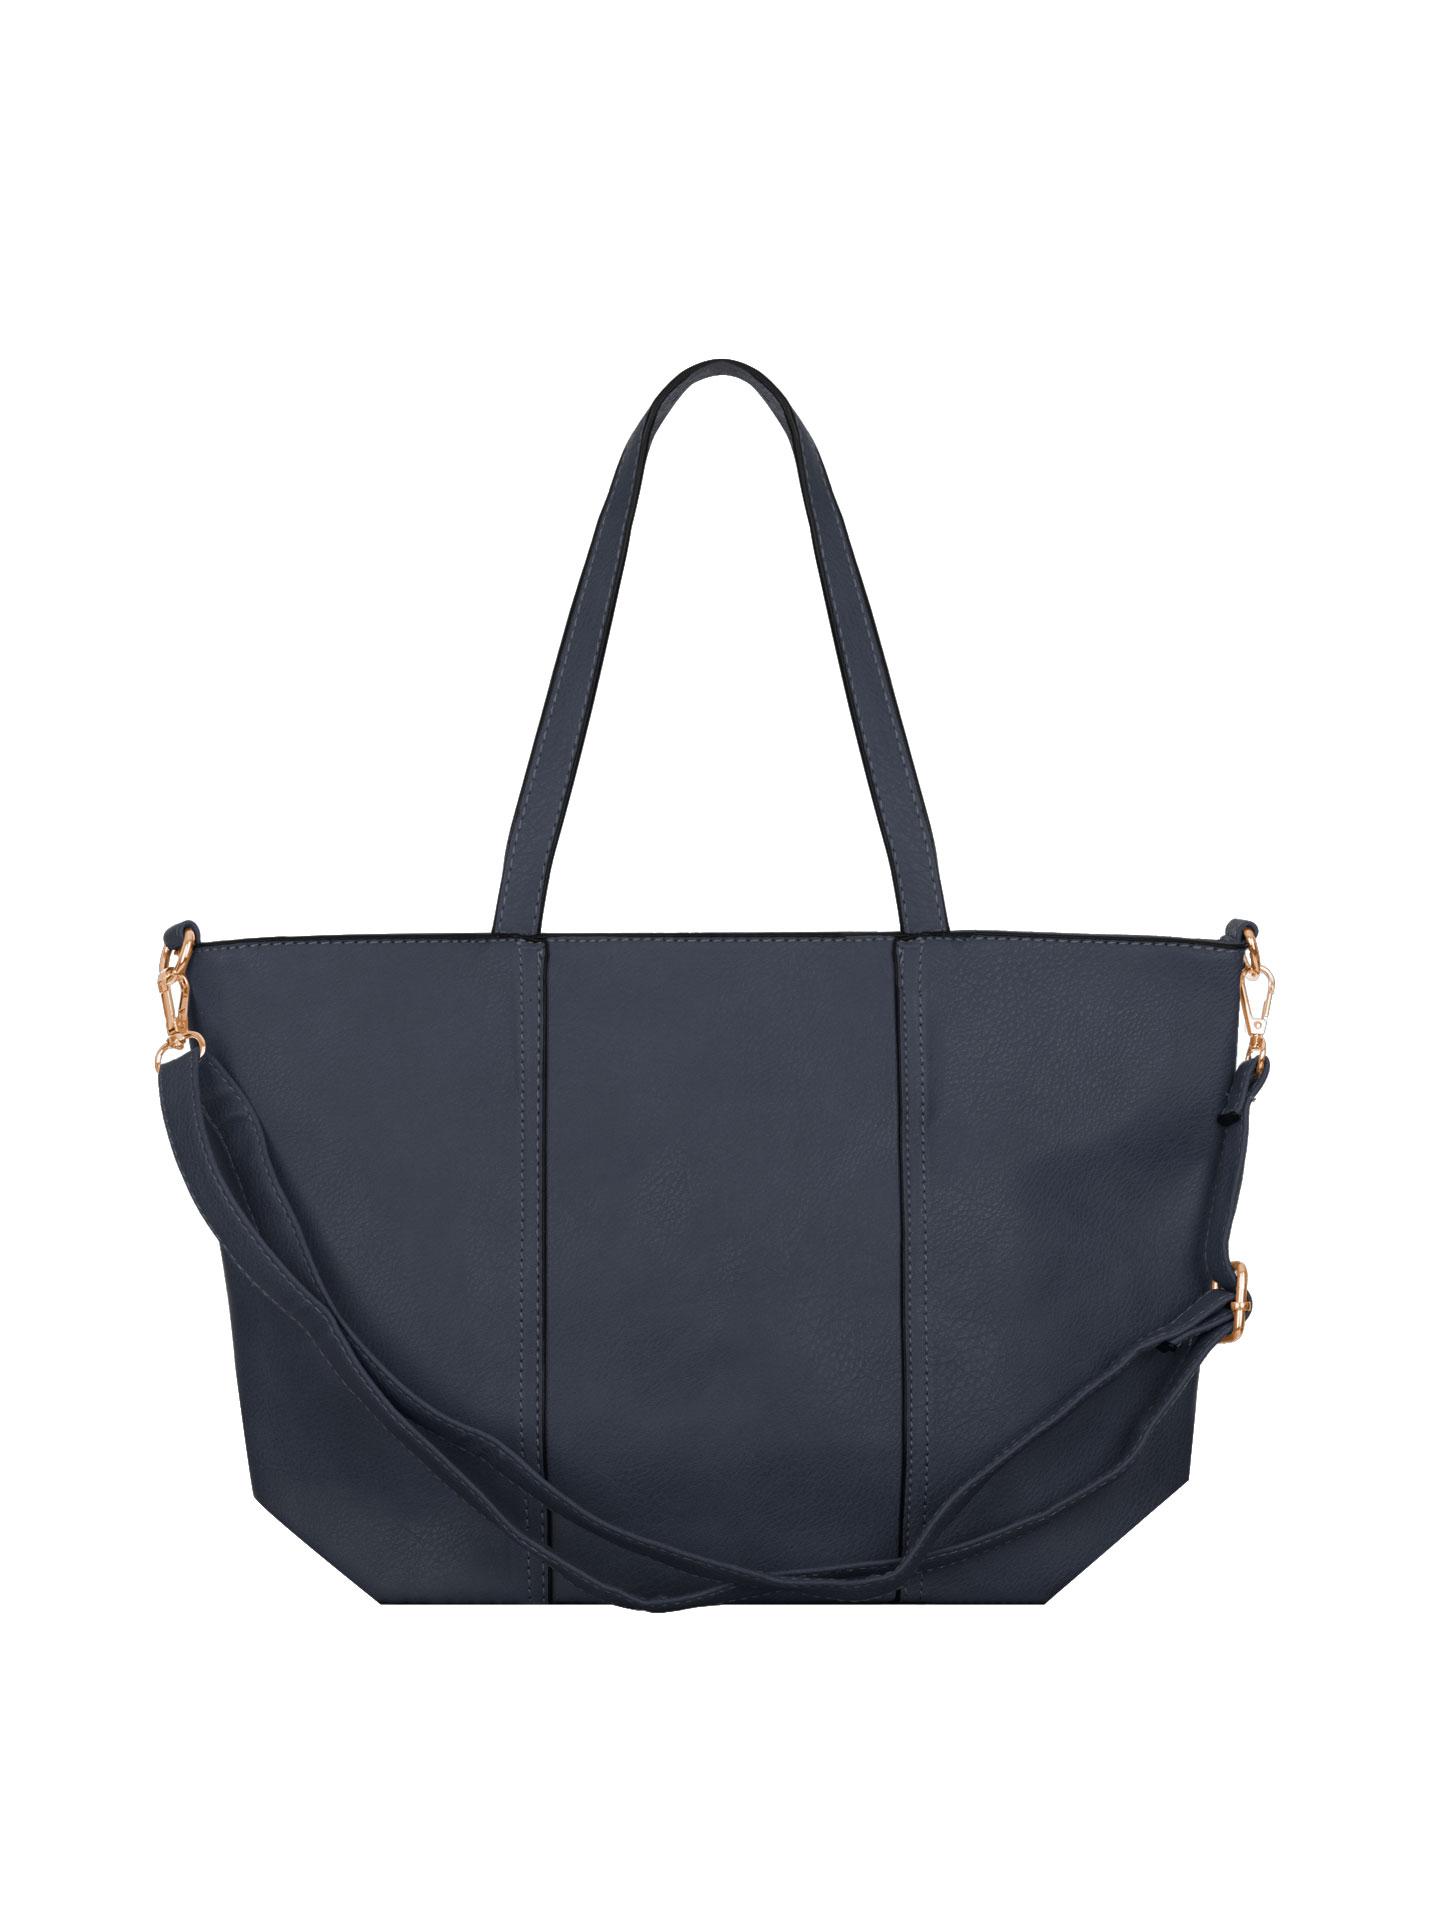 Shoulder bag with decorative seams in dark blue bf874010c3638